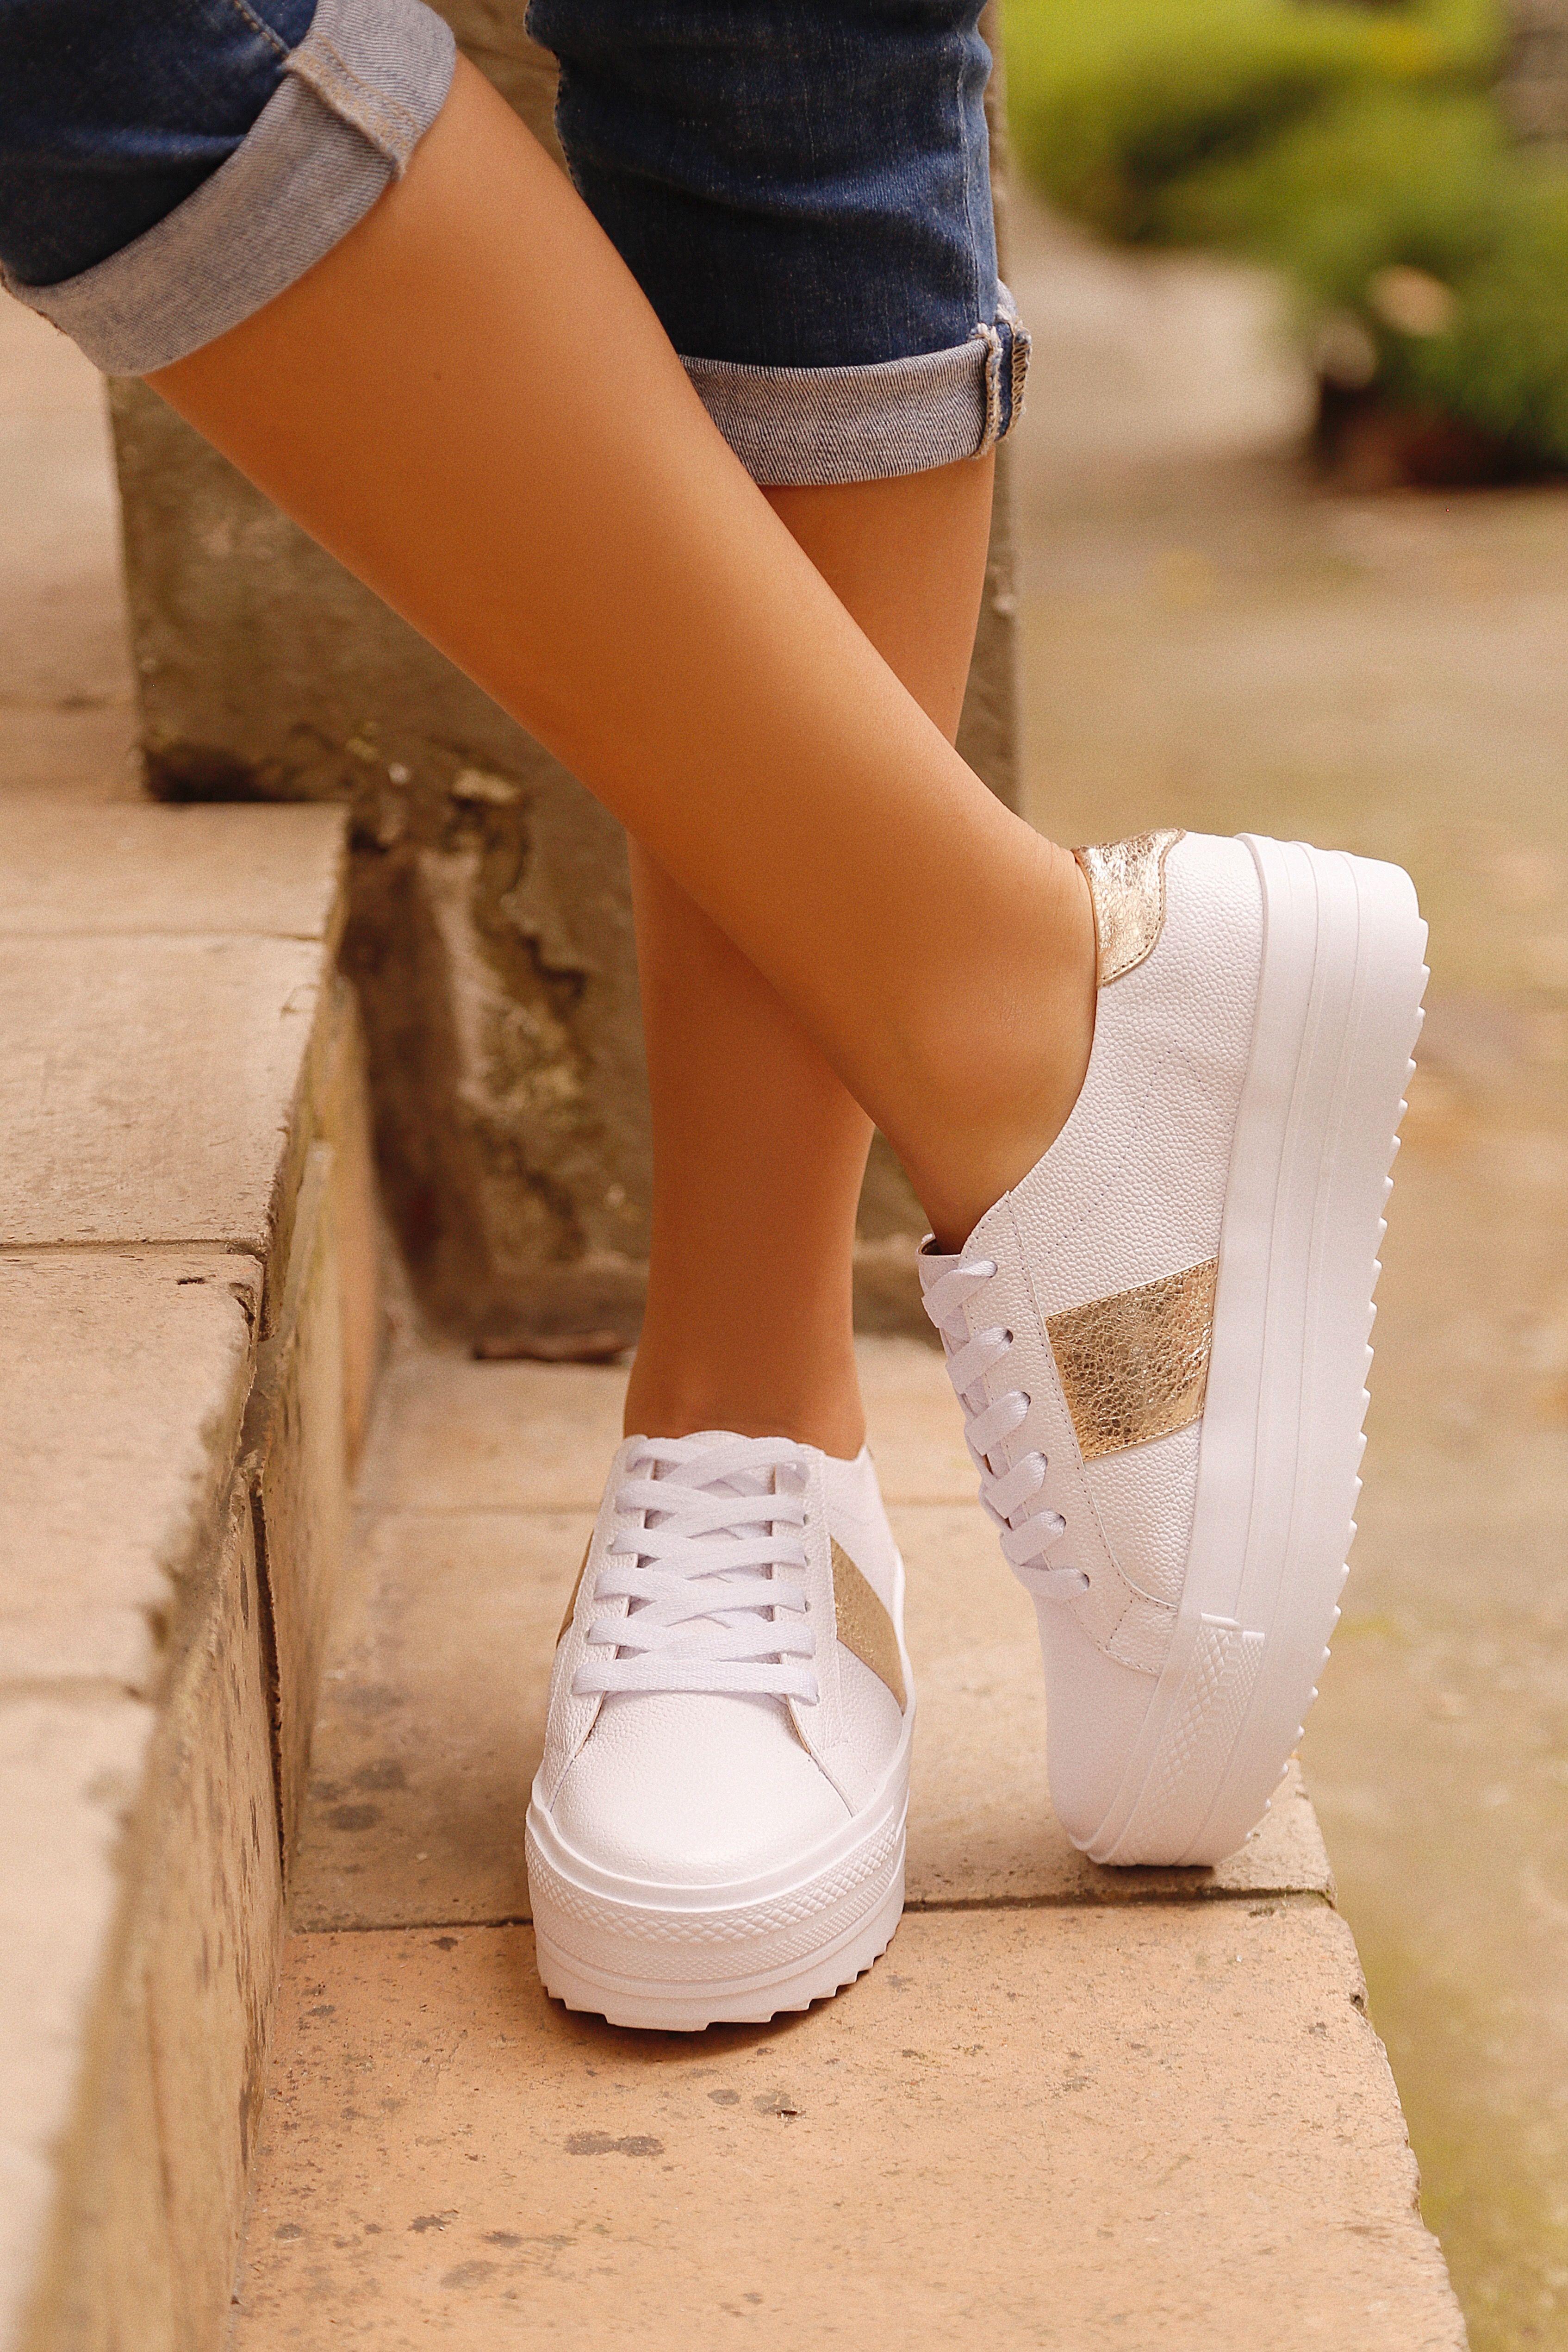 27462c163f Tenis Para Mujer en Cuero Blanco y Dorado - Tienda en Línea DFV Leather  Shoes